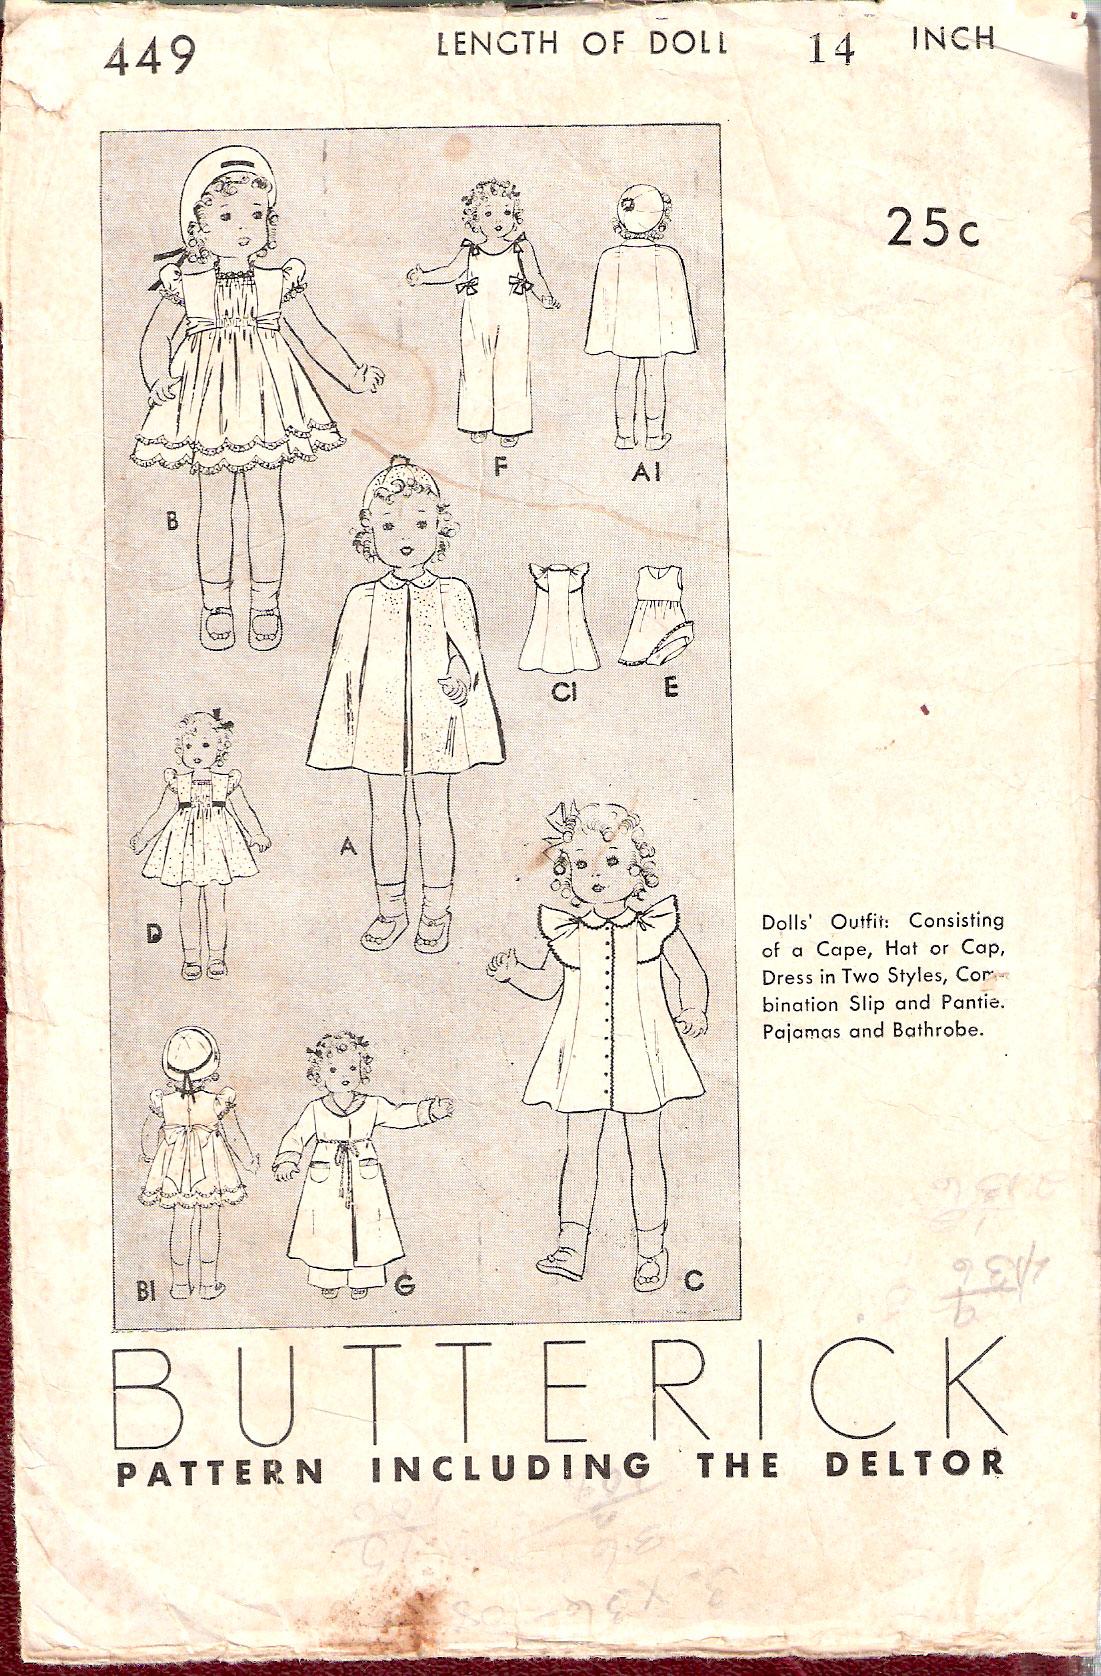 Butterick 449